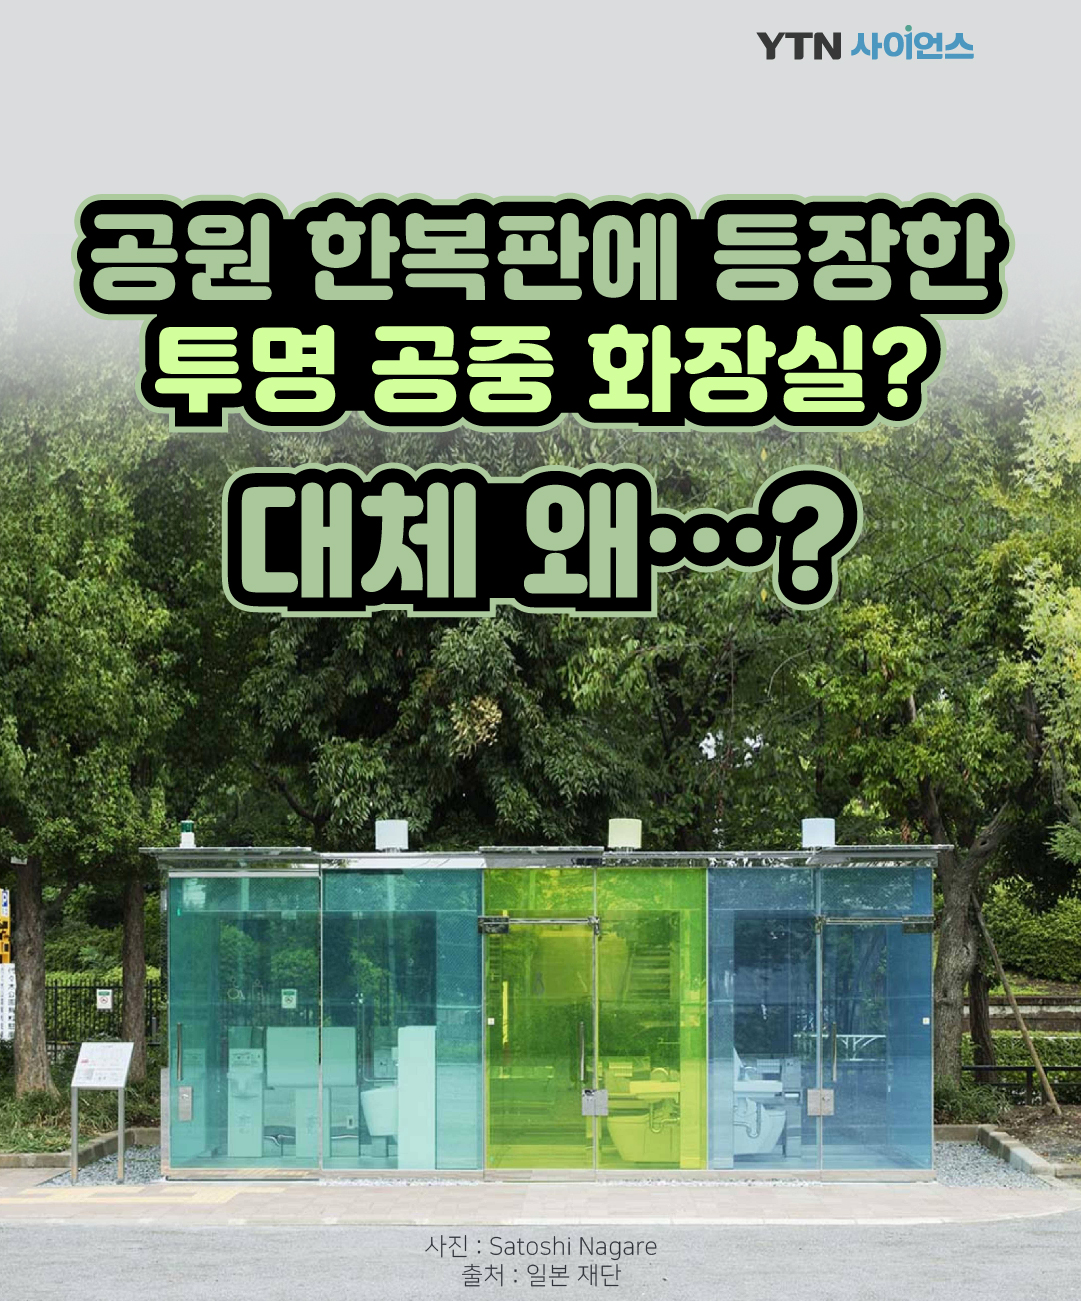 공원 한복판에 등장한 투명 공중 화장실? 대체 왜…? 이미지